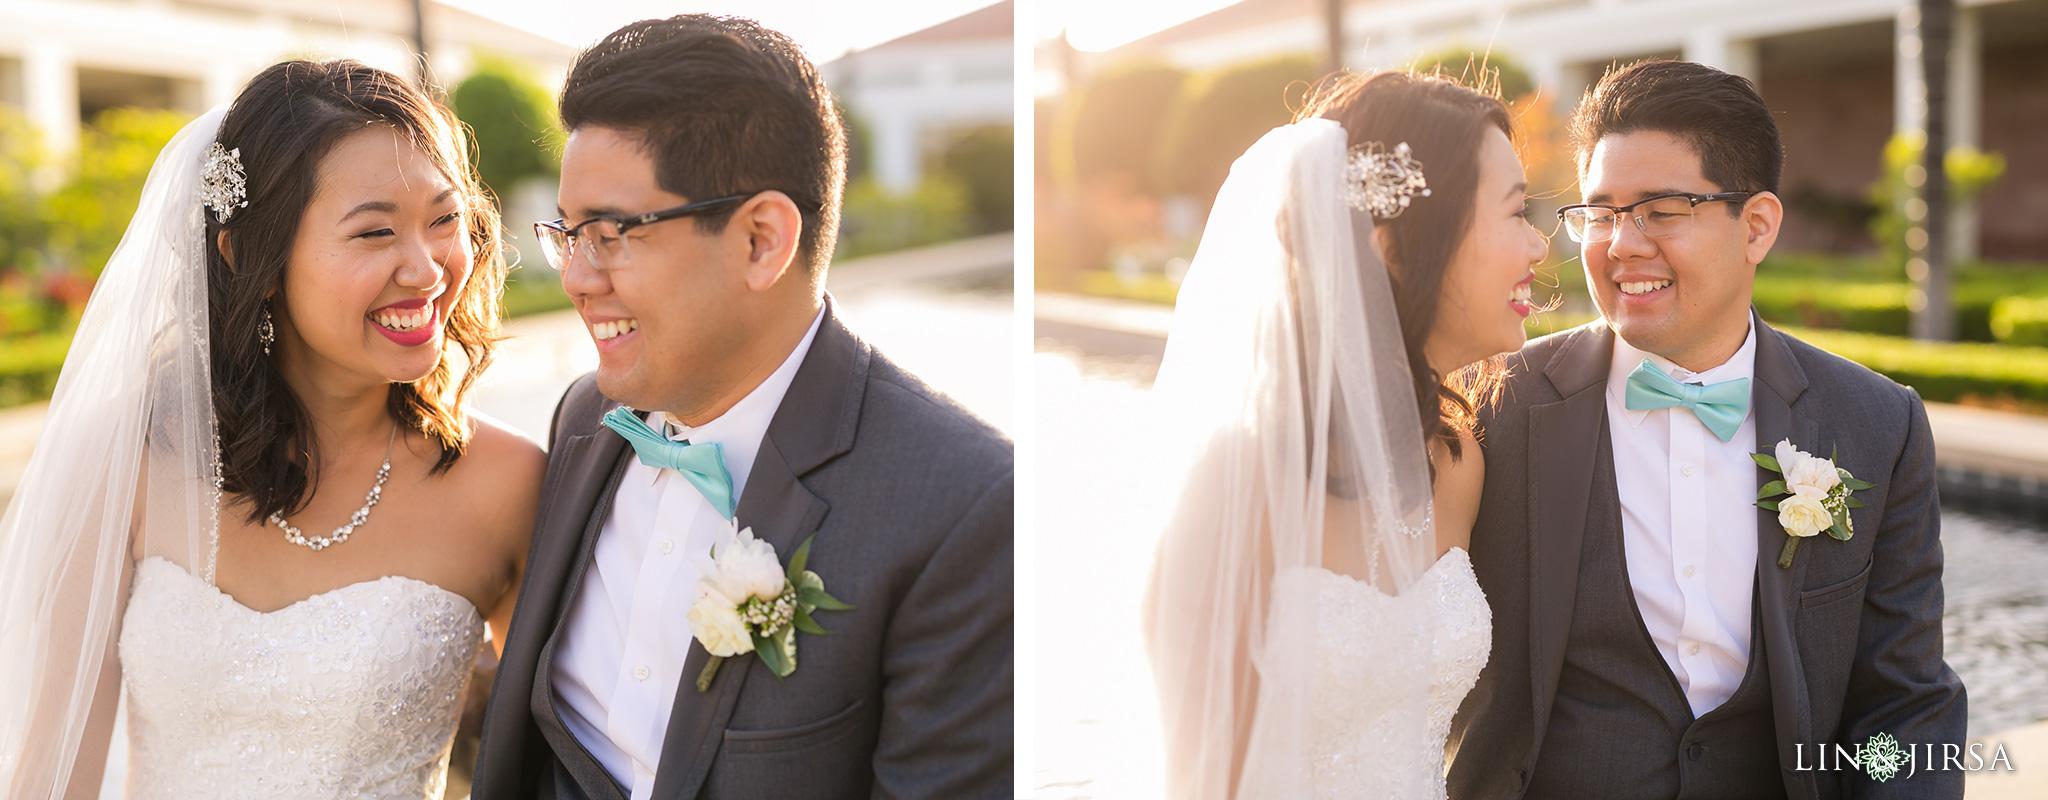 29-richard-nixon-libary-wedding-photography